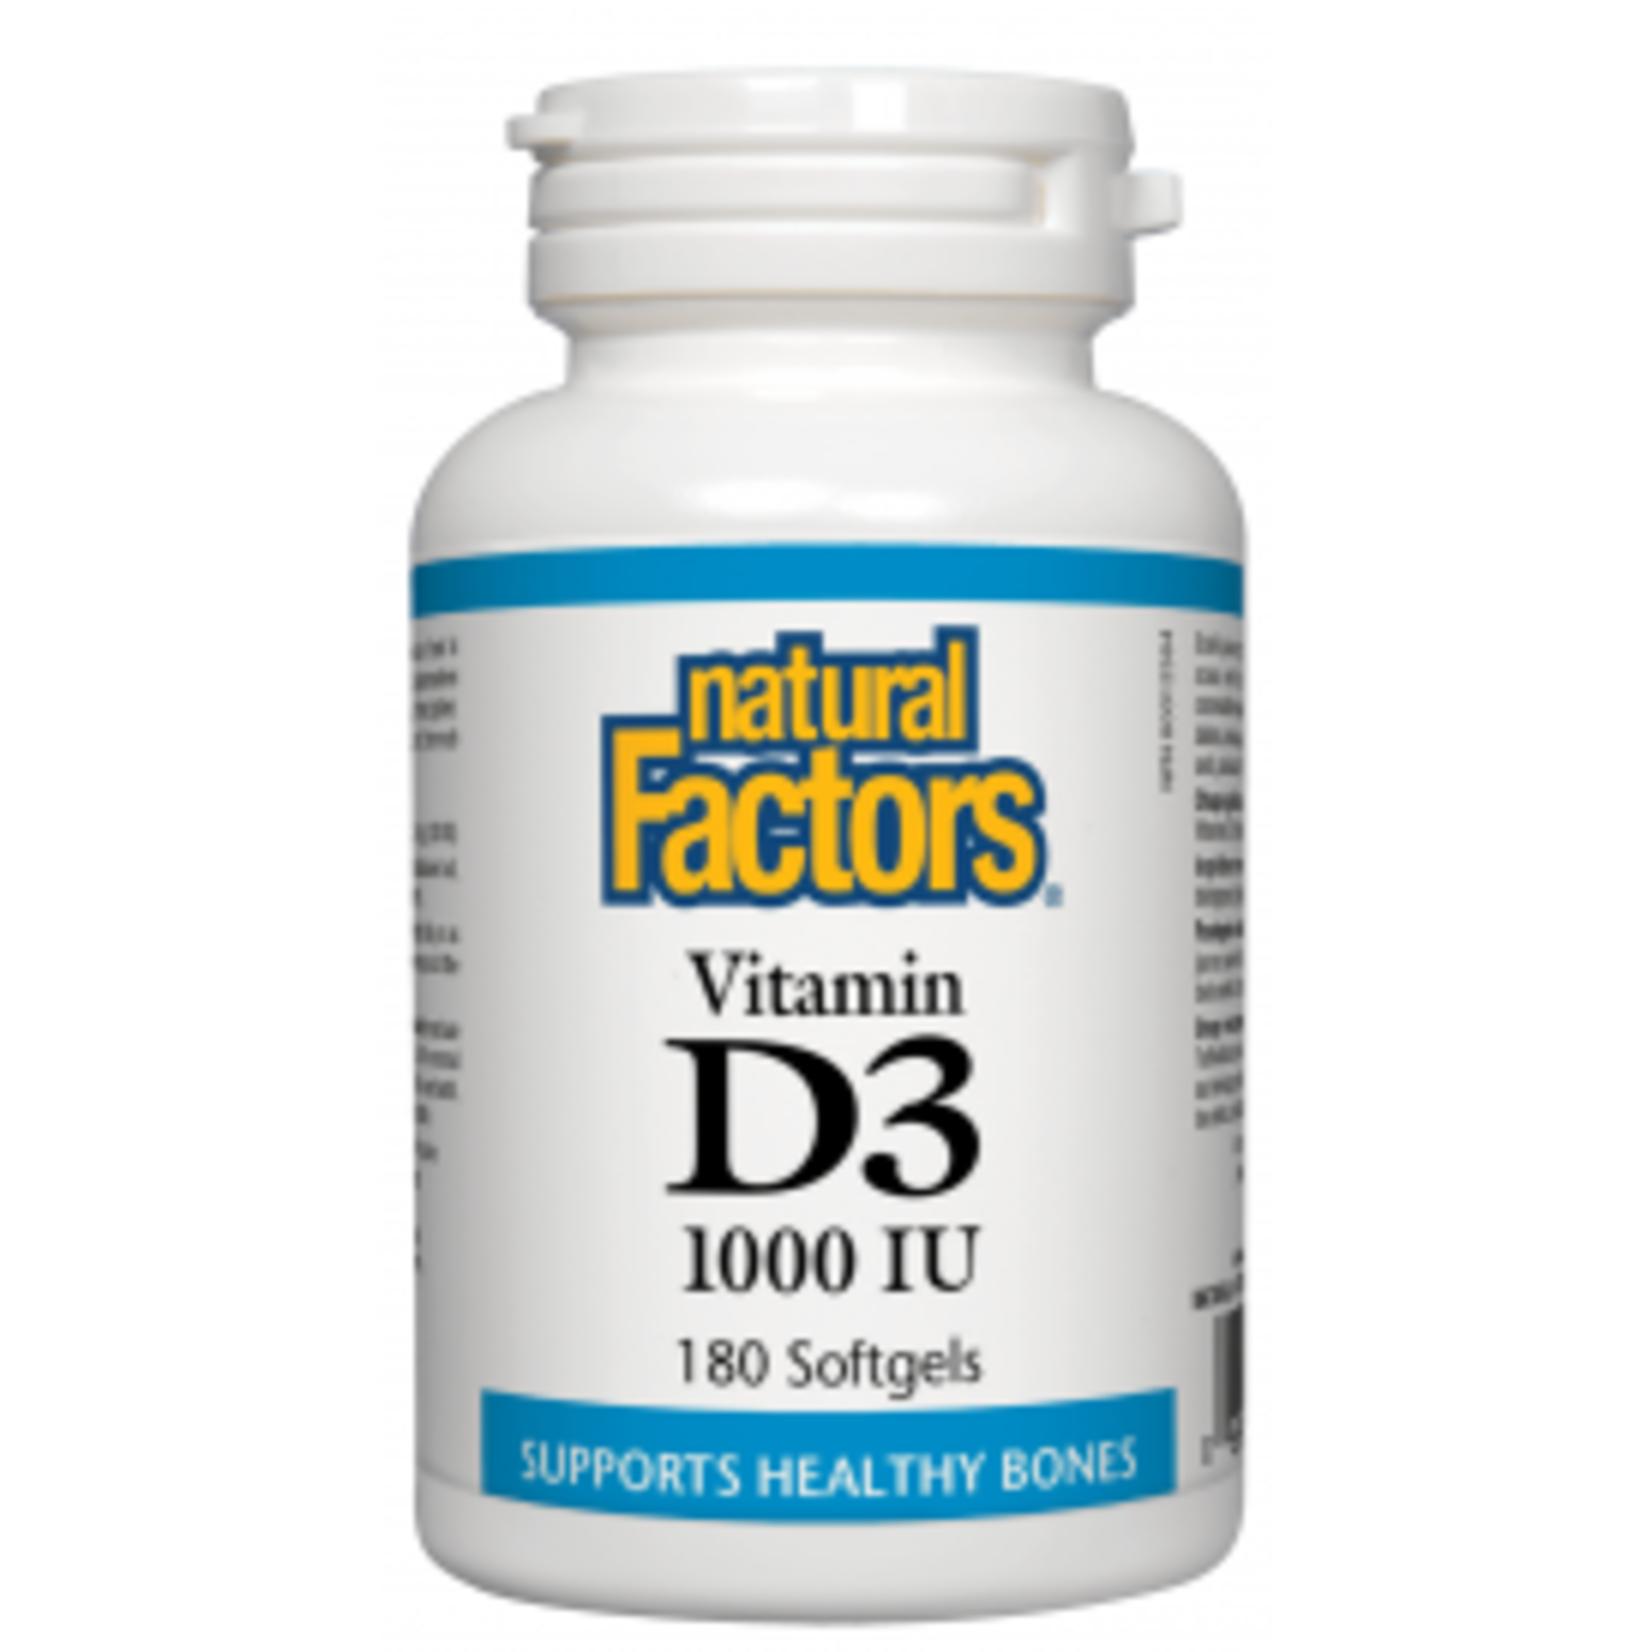 Natural Factors Natural Factors Vitamin D3 1000 IU 180 softgels